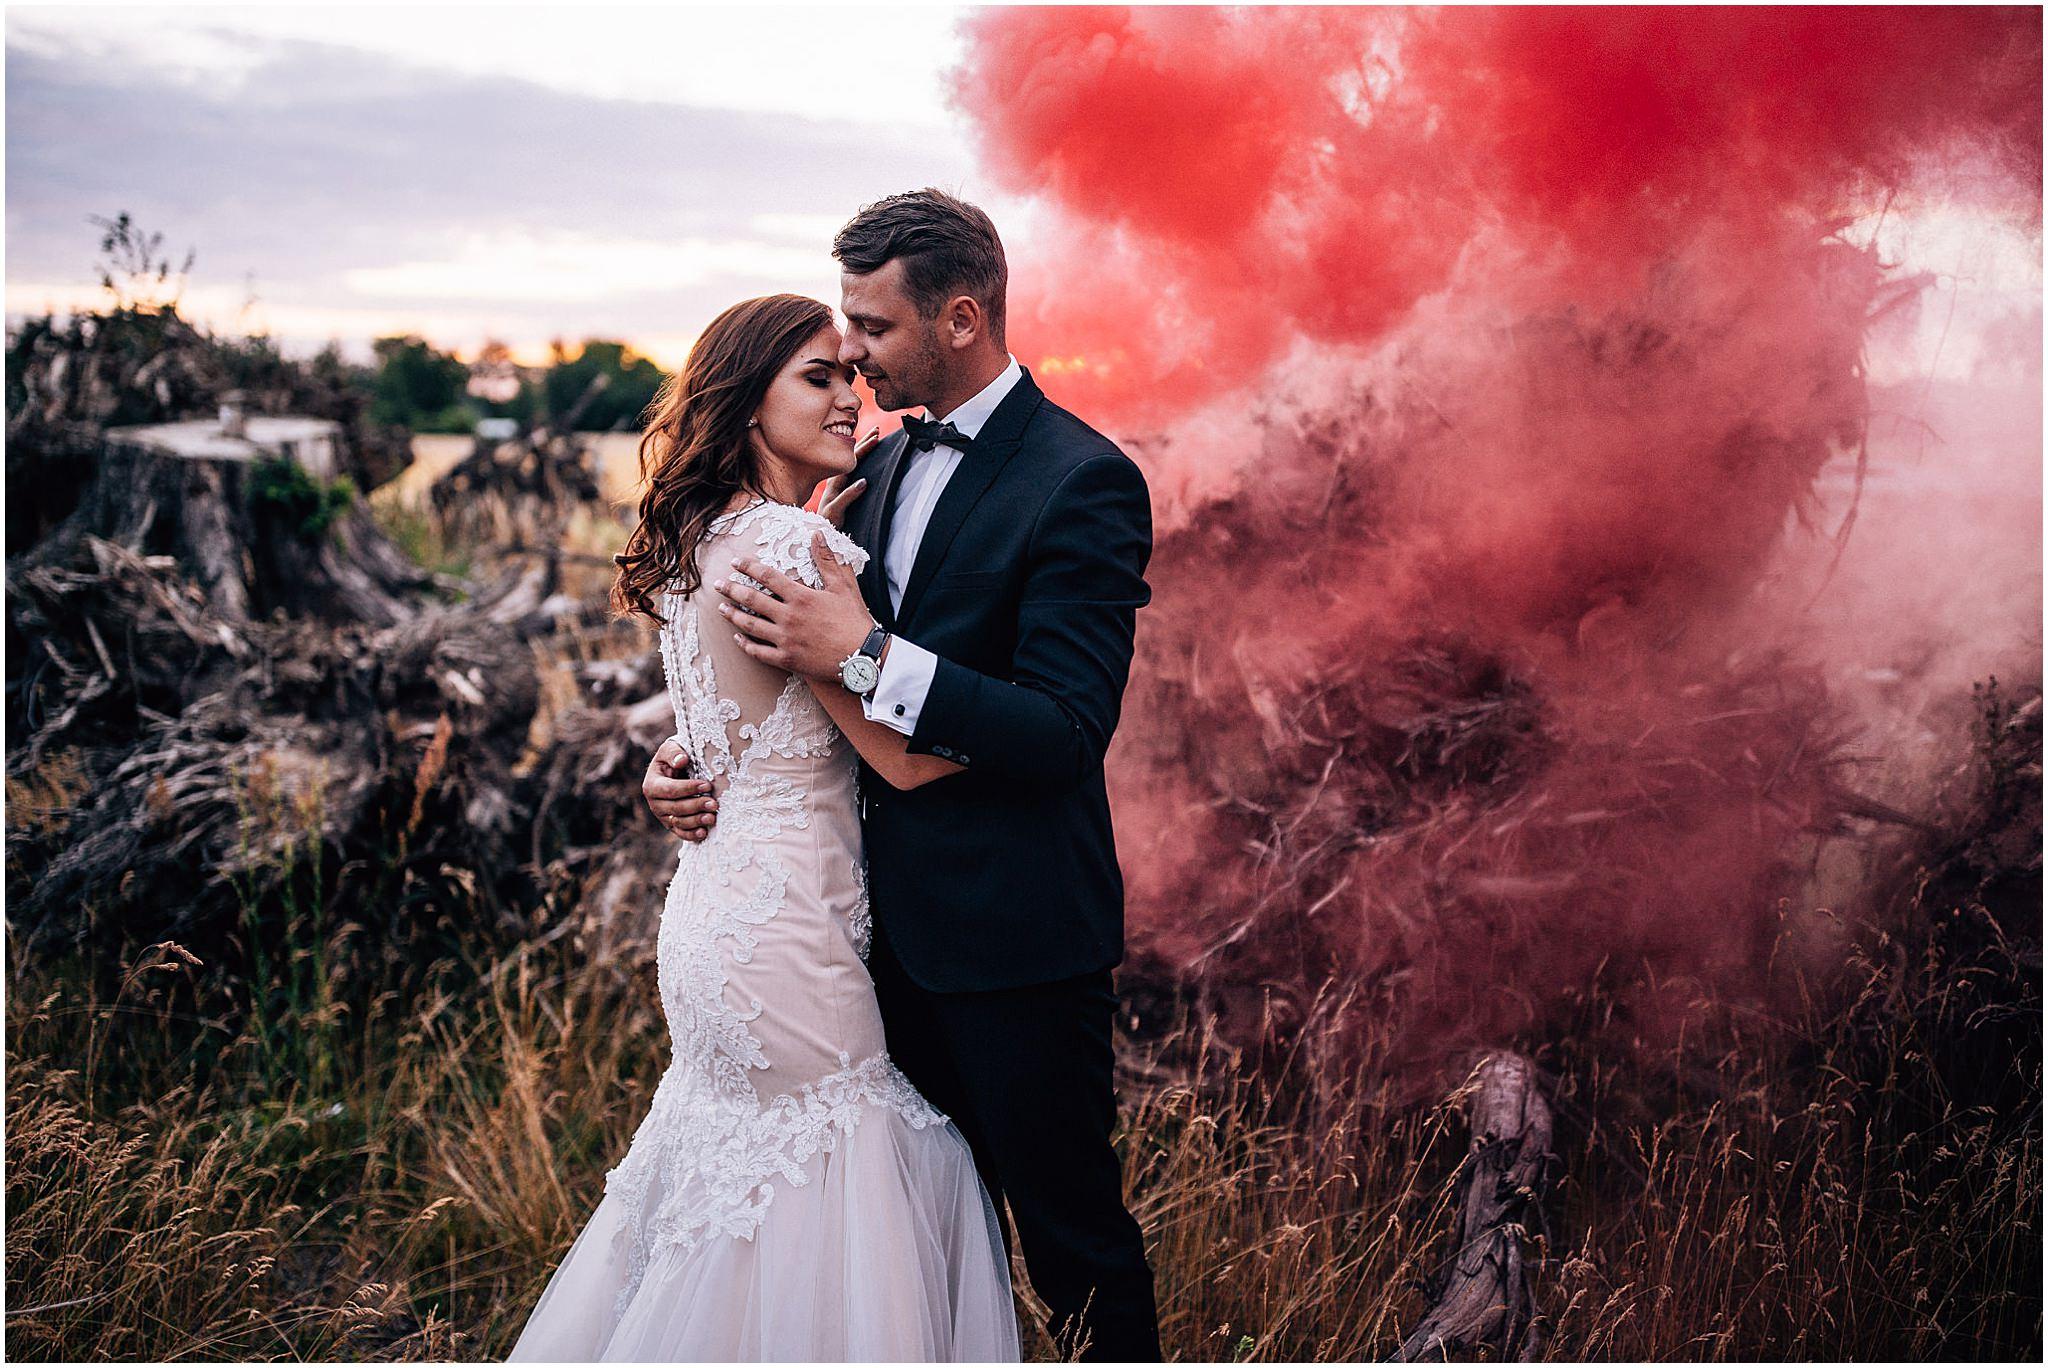 2018,7 Drzew,Andrzejewski Pawel,Biskupice,Fotografia slubna,Wedding photography,www.andrzejewskipawel.com,